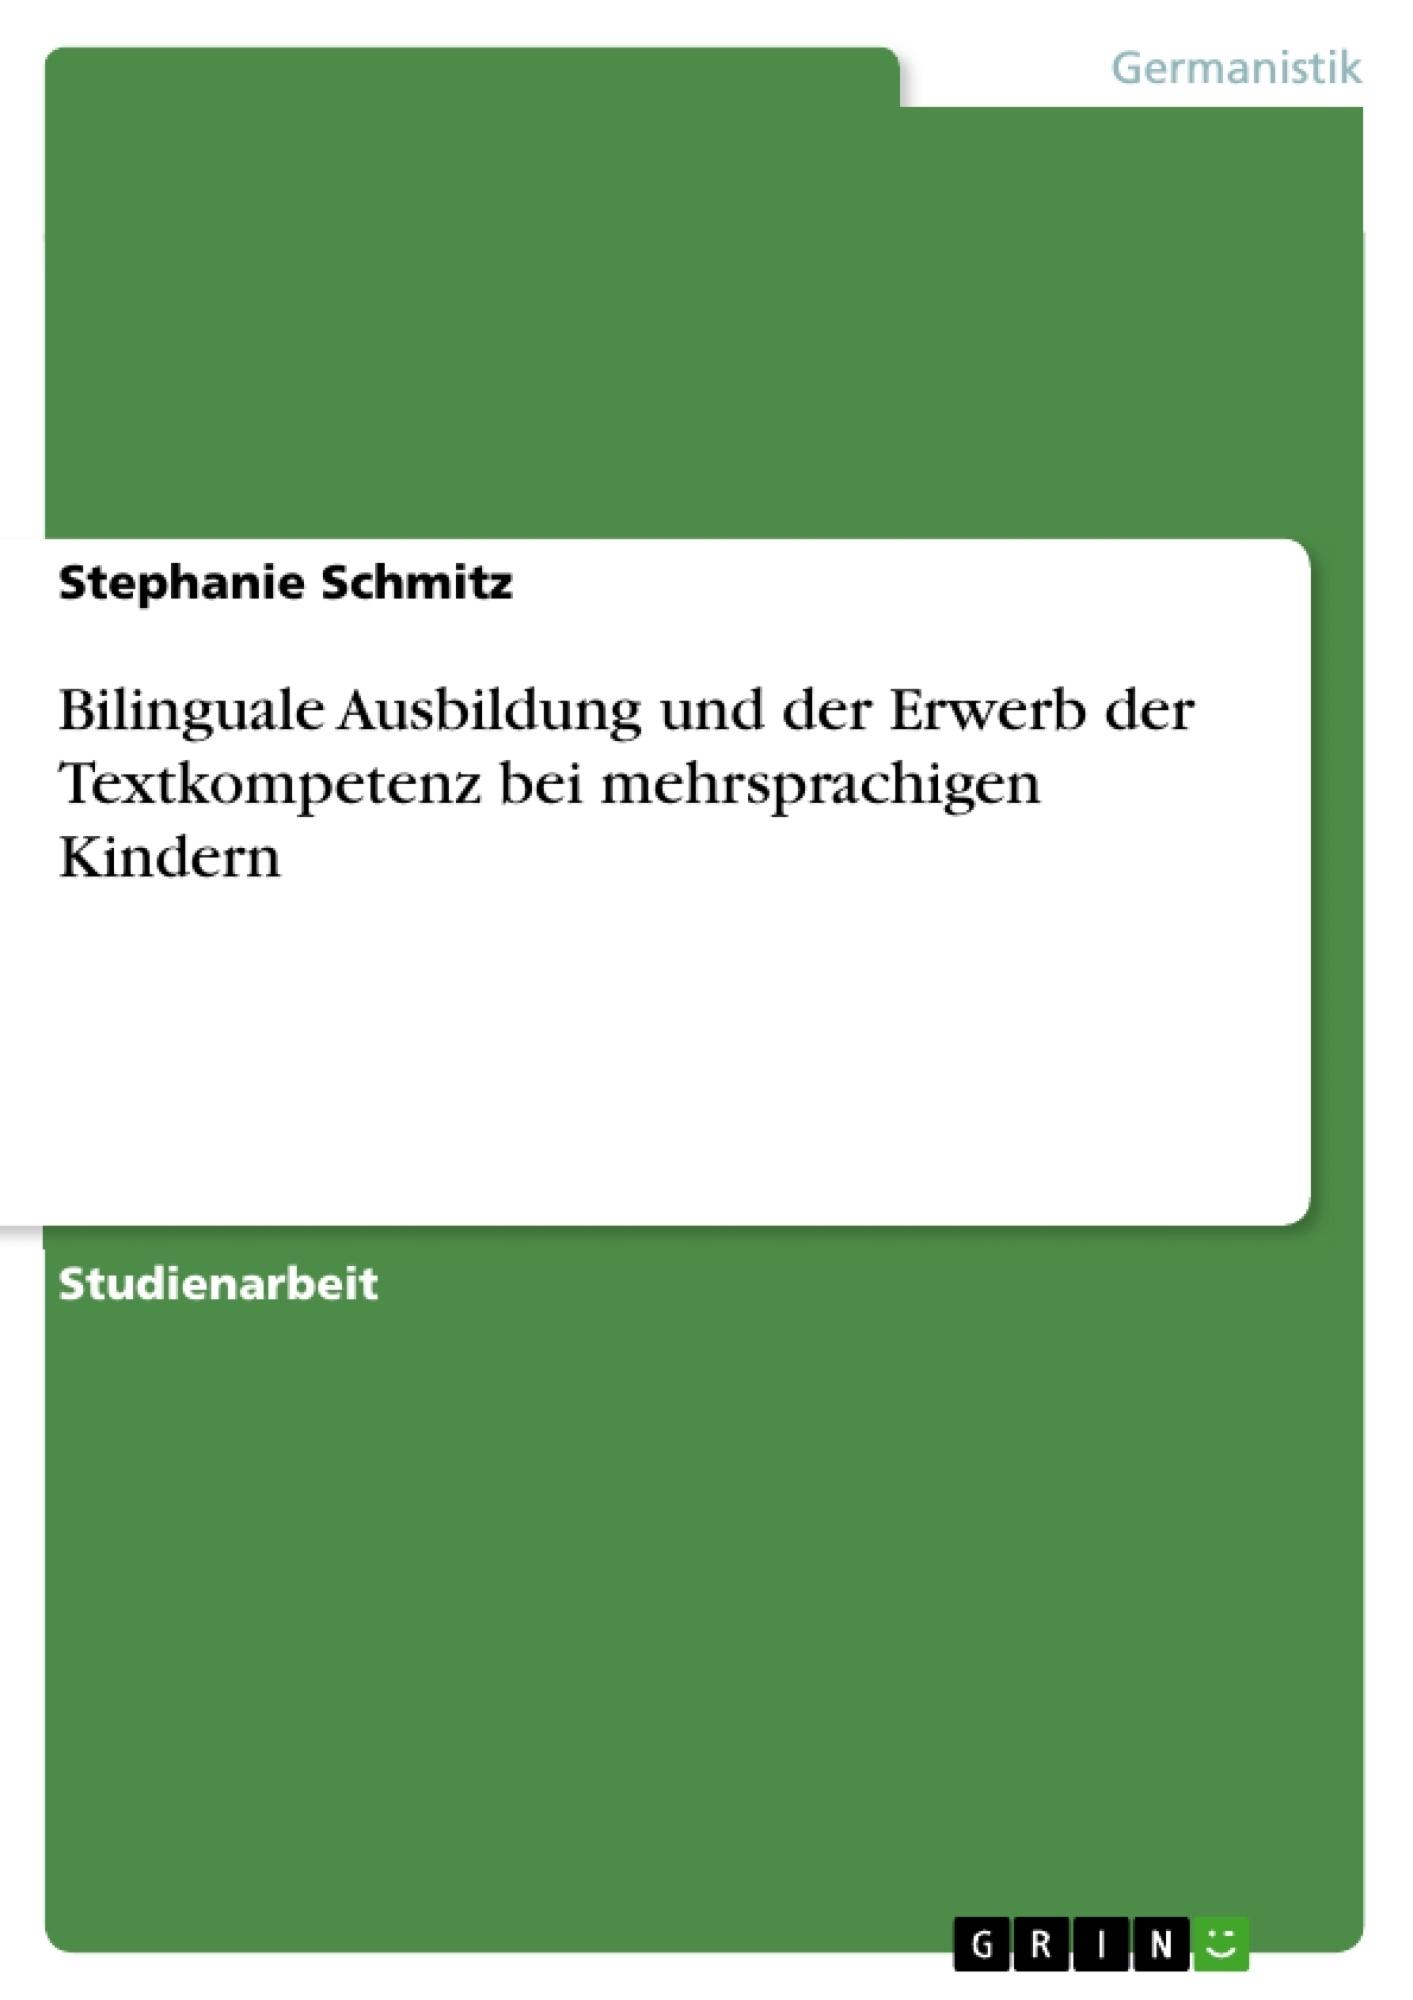 Titel: Bilinguale Ausbildung und der Erwerb der Textkompetenz bei mehrsprachigen Kindern